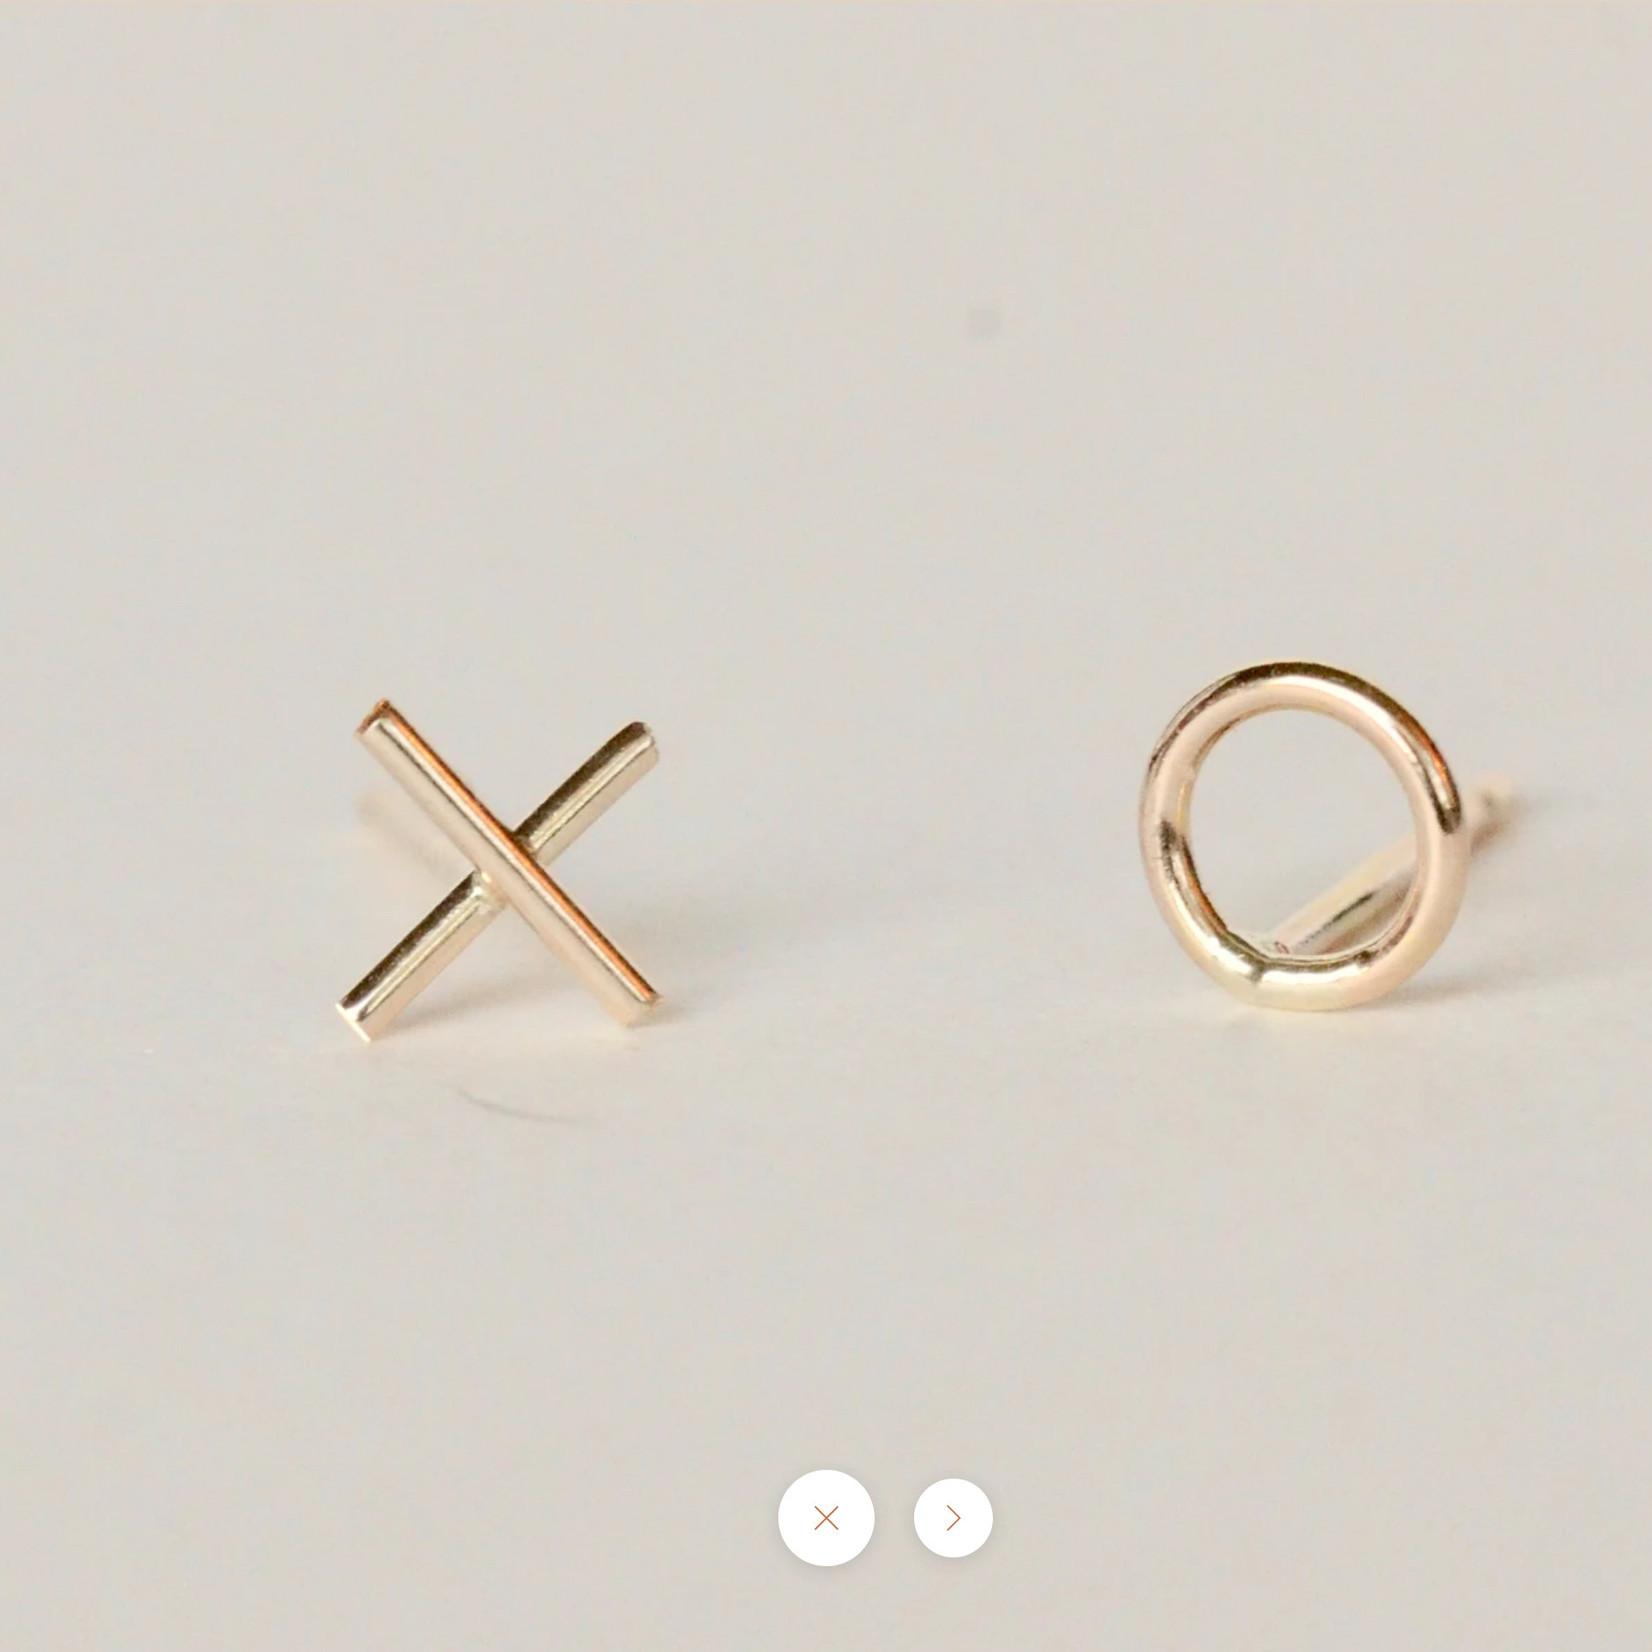 xo studs gold